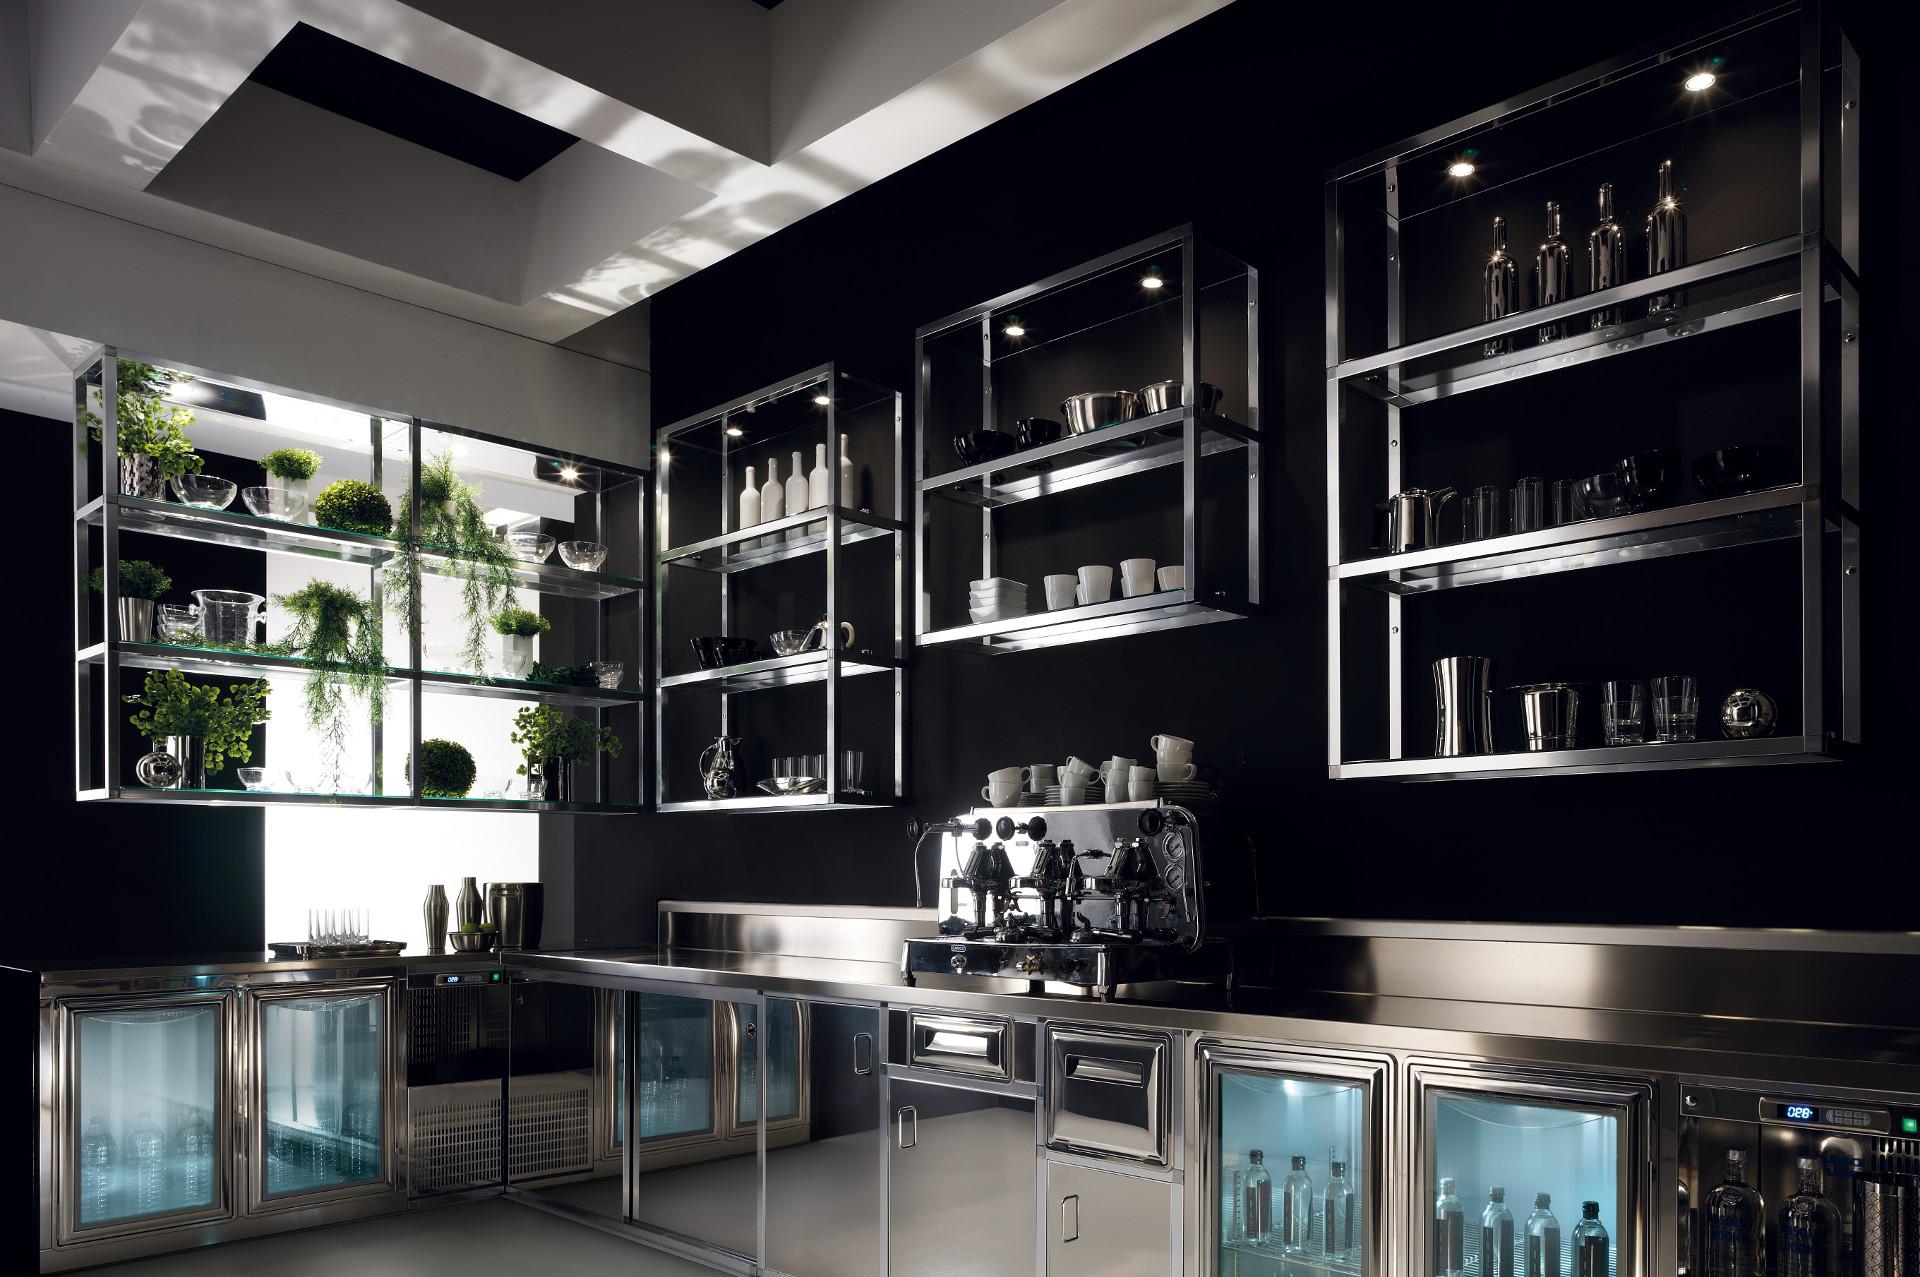 Arredamenti e attrezzature per bar ristoranti gelaterie for Arredamenti cagliari e provincia